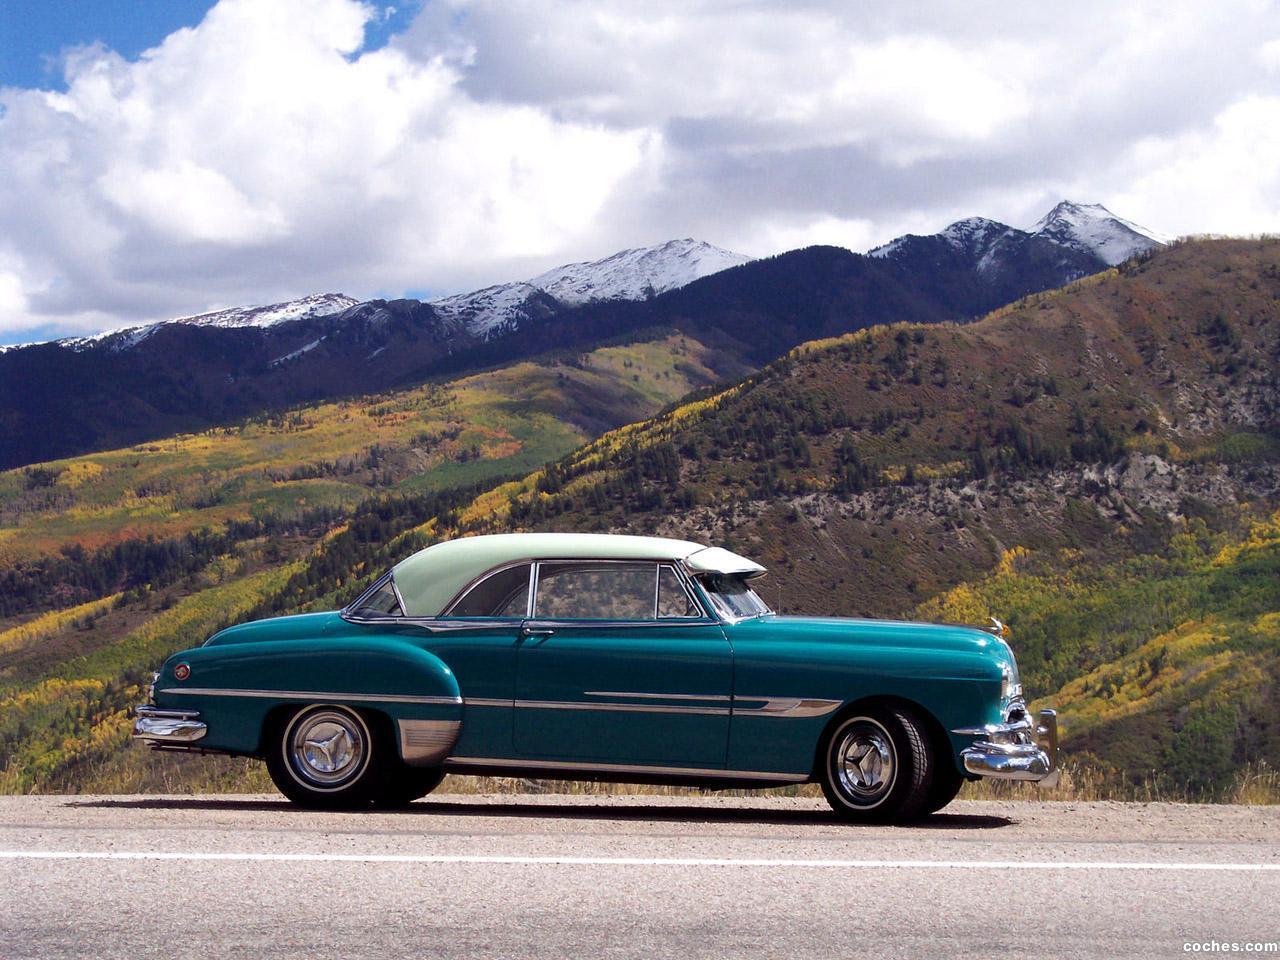 de Pontiac catalina 1950